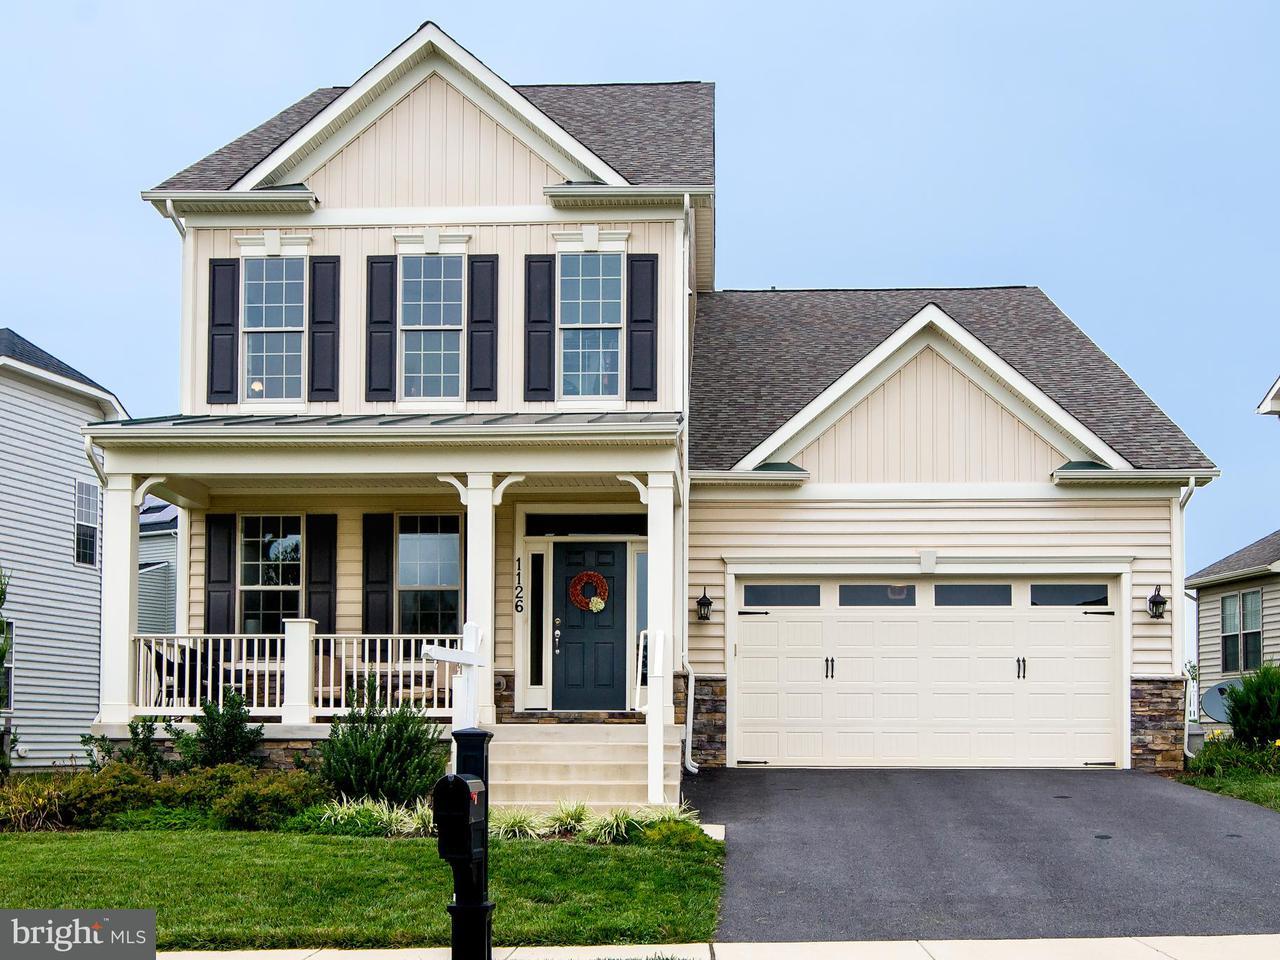 Μονοκατοικία για την Πώληση στο 1126 DARGON QUARRY Lane 1126 DARGON QUARRY Lane Brunswick, Μεριλαντ 21716 Ηνωμενεσ Πολιτειεσ